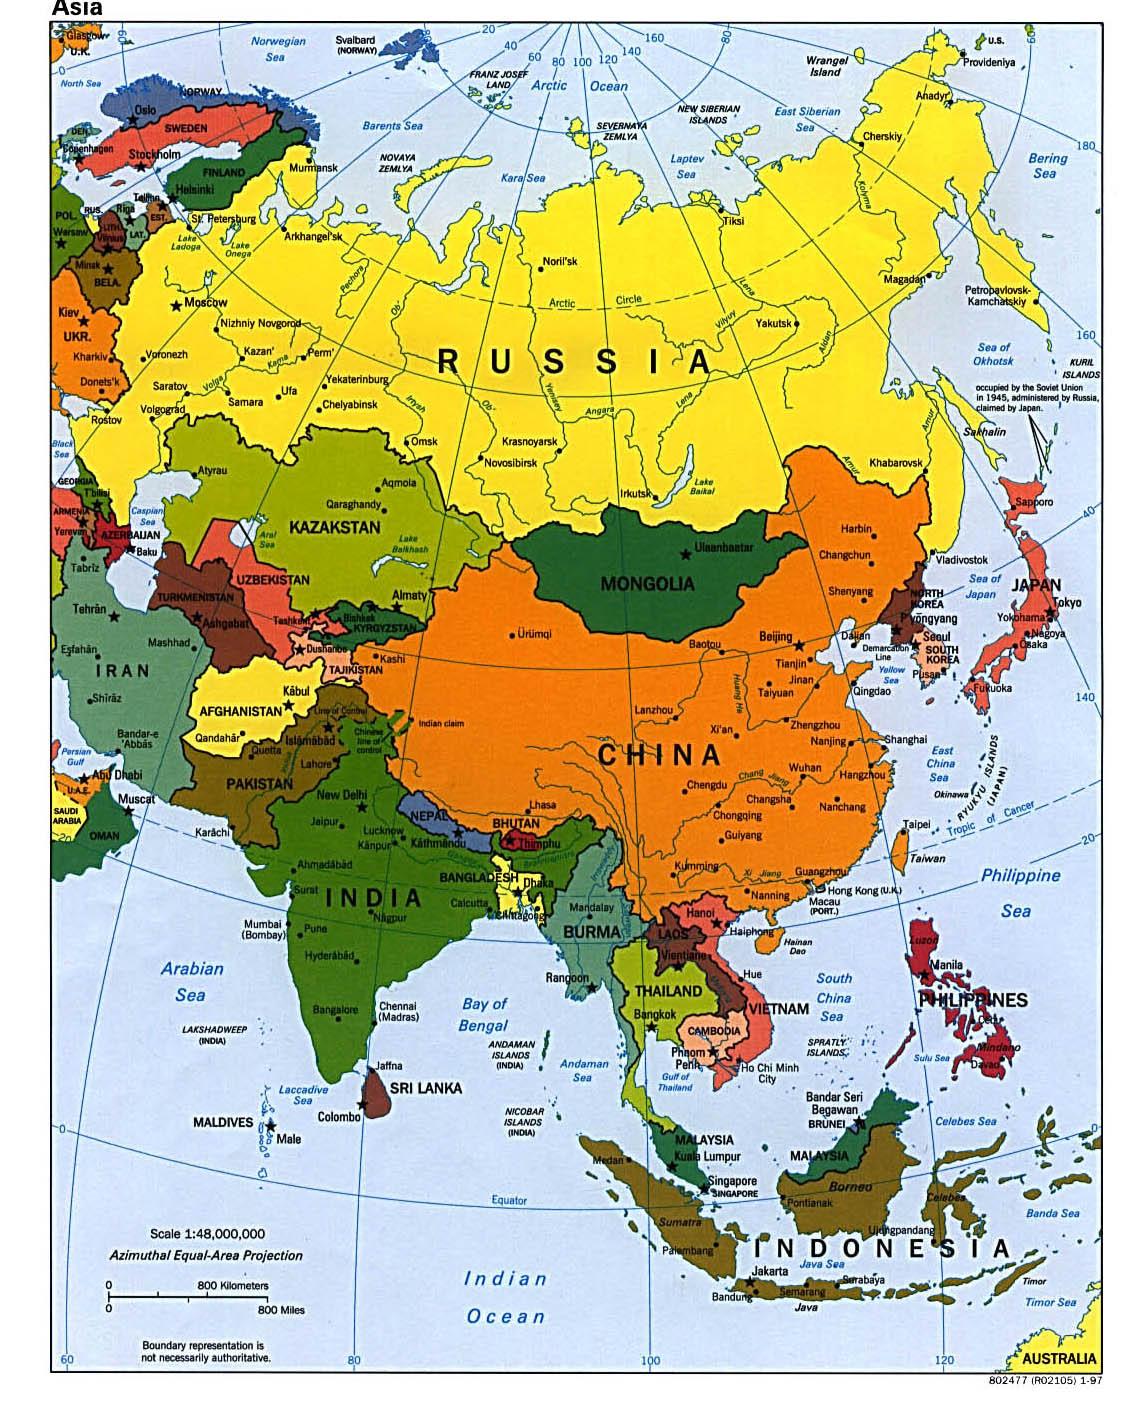 亚洲图片二区_2,看亚洲政区图和亚洲气候图可以得出结论 向左转| 向右转